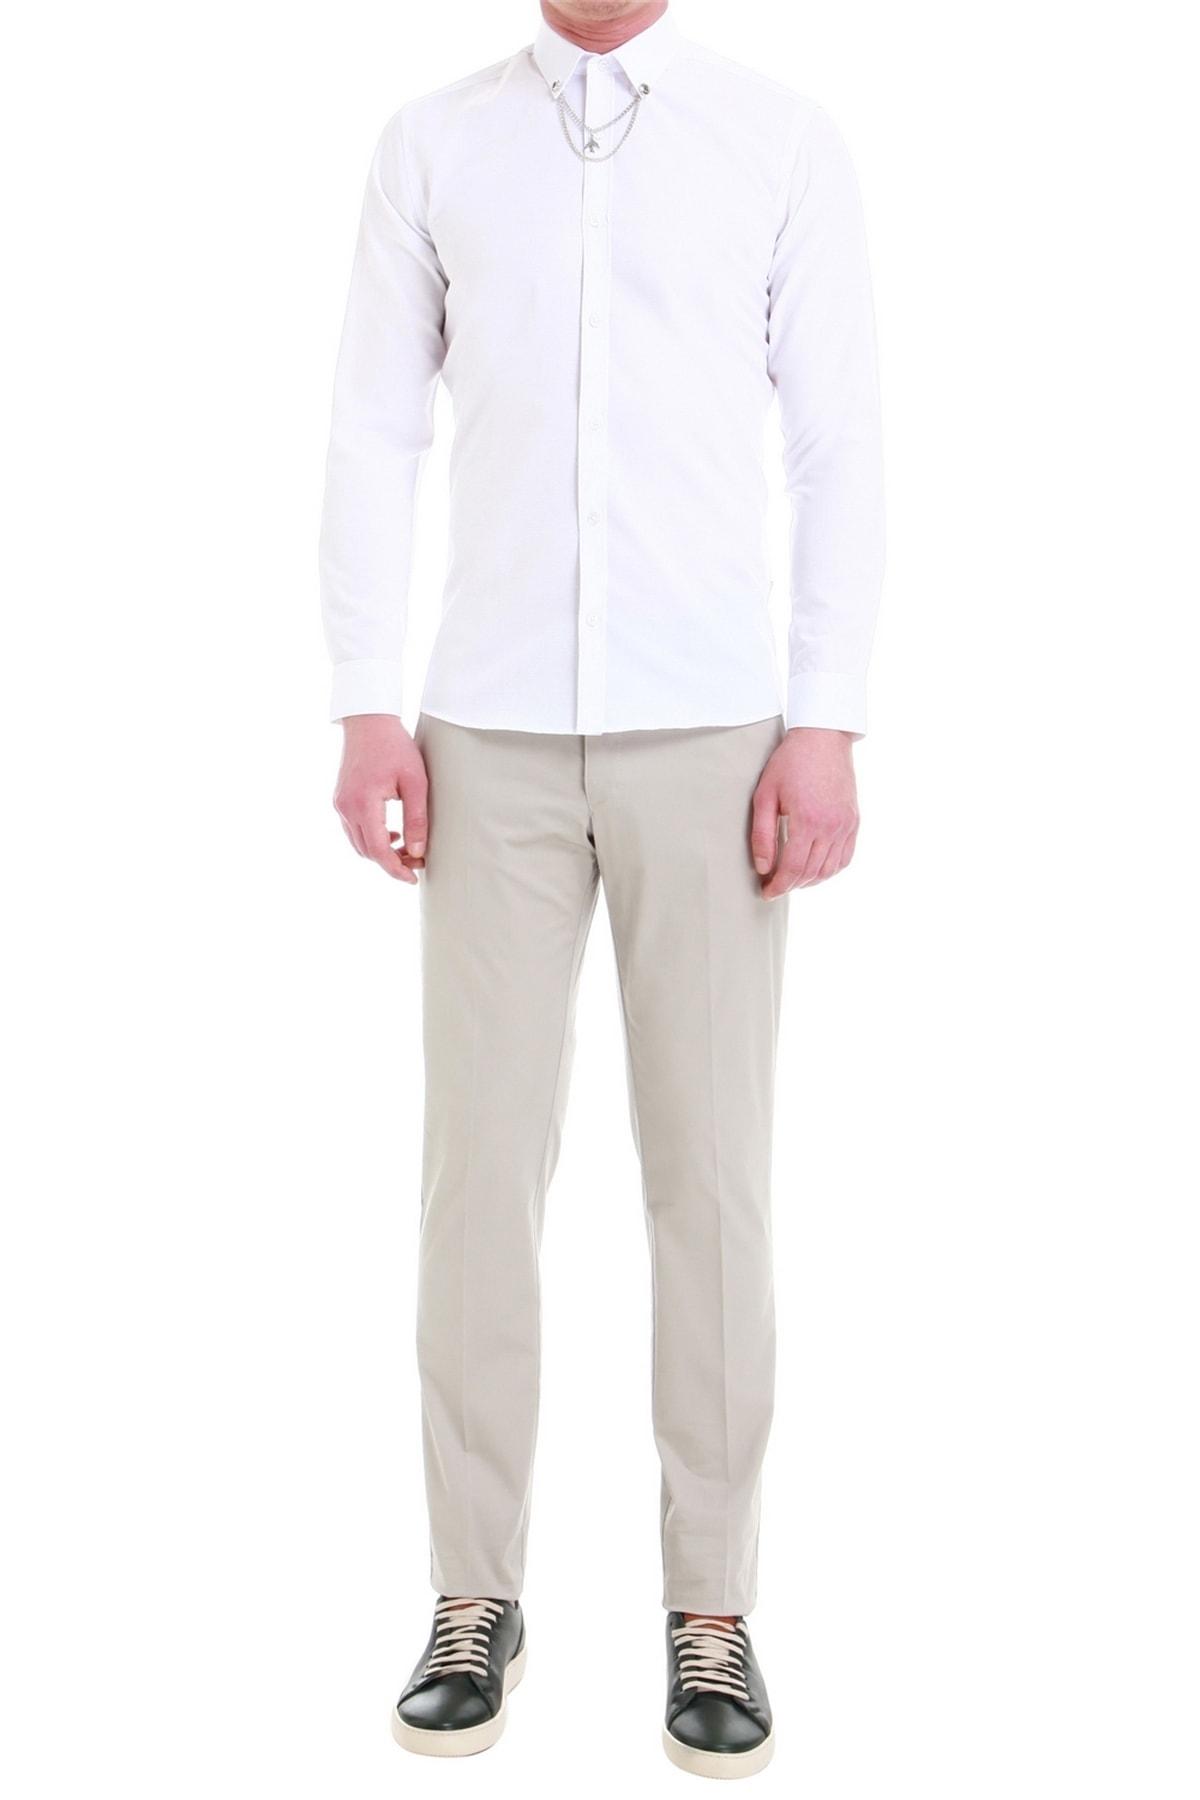 P 1058 Slim Fit Stone Spor Pantolon